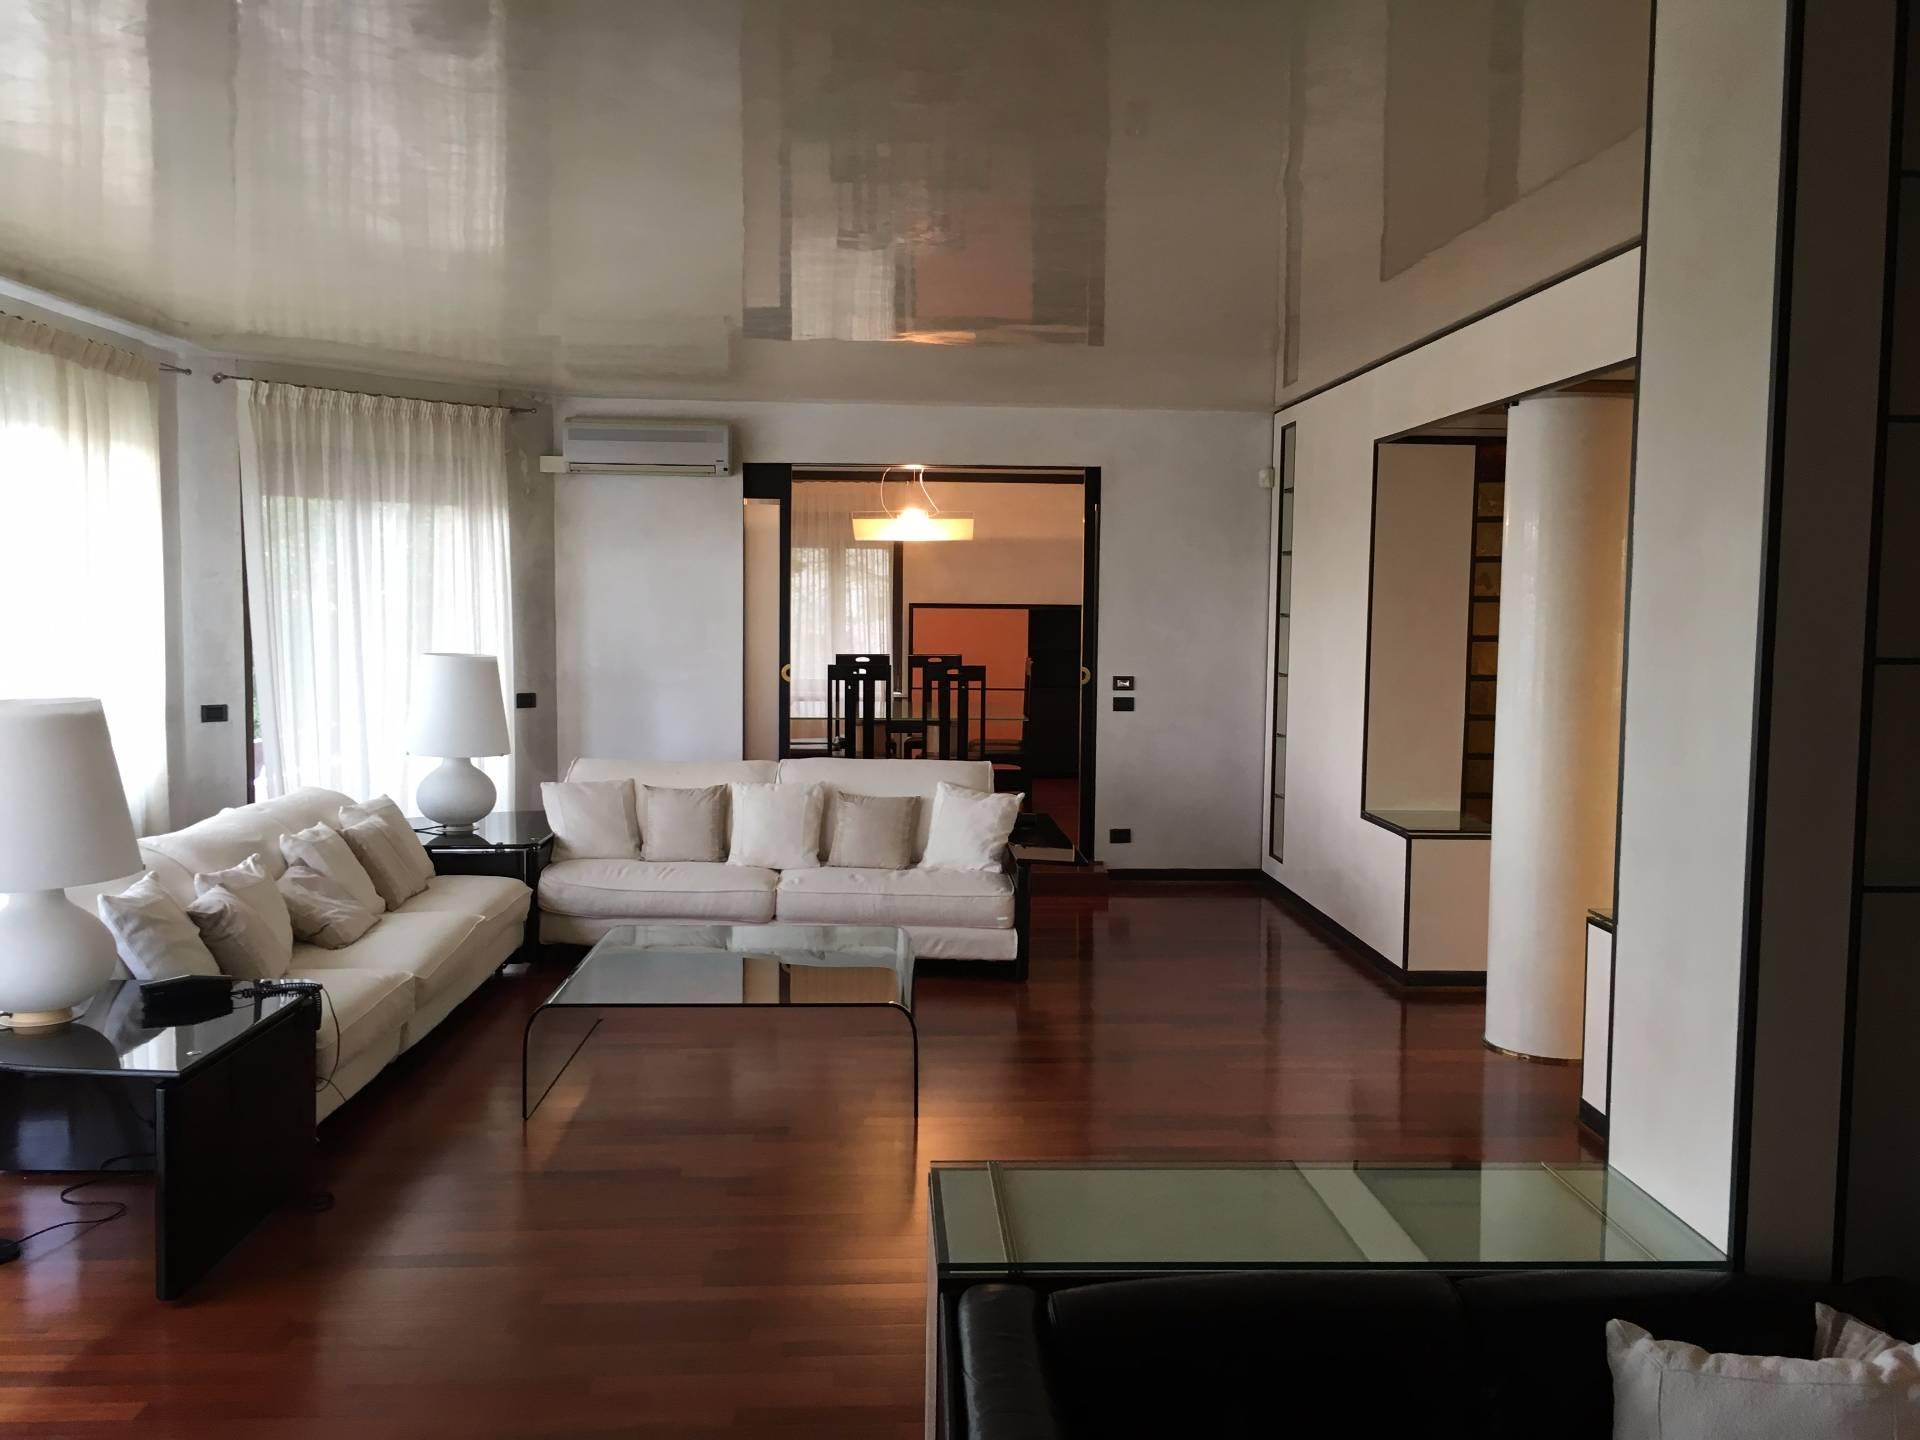 Appartamento in affitto a Treviso, 10 locali, zona Località: FuoriMura, prezzo € 2.000   Cambio Casa.it